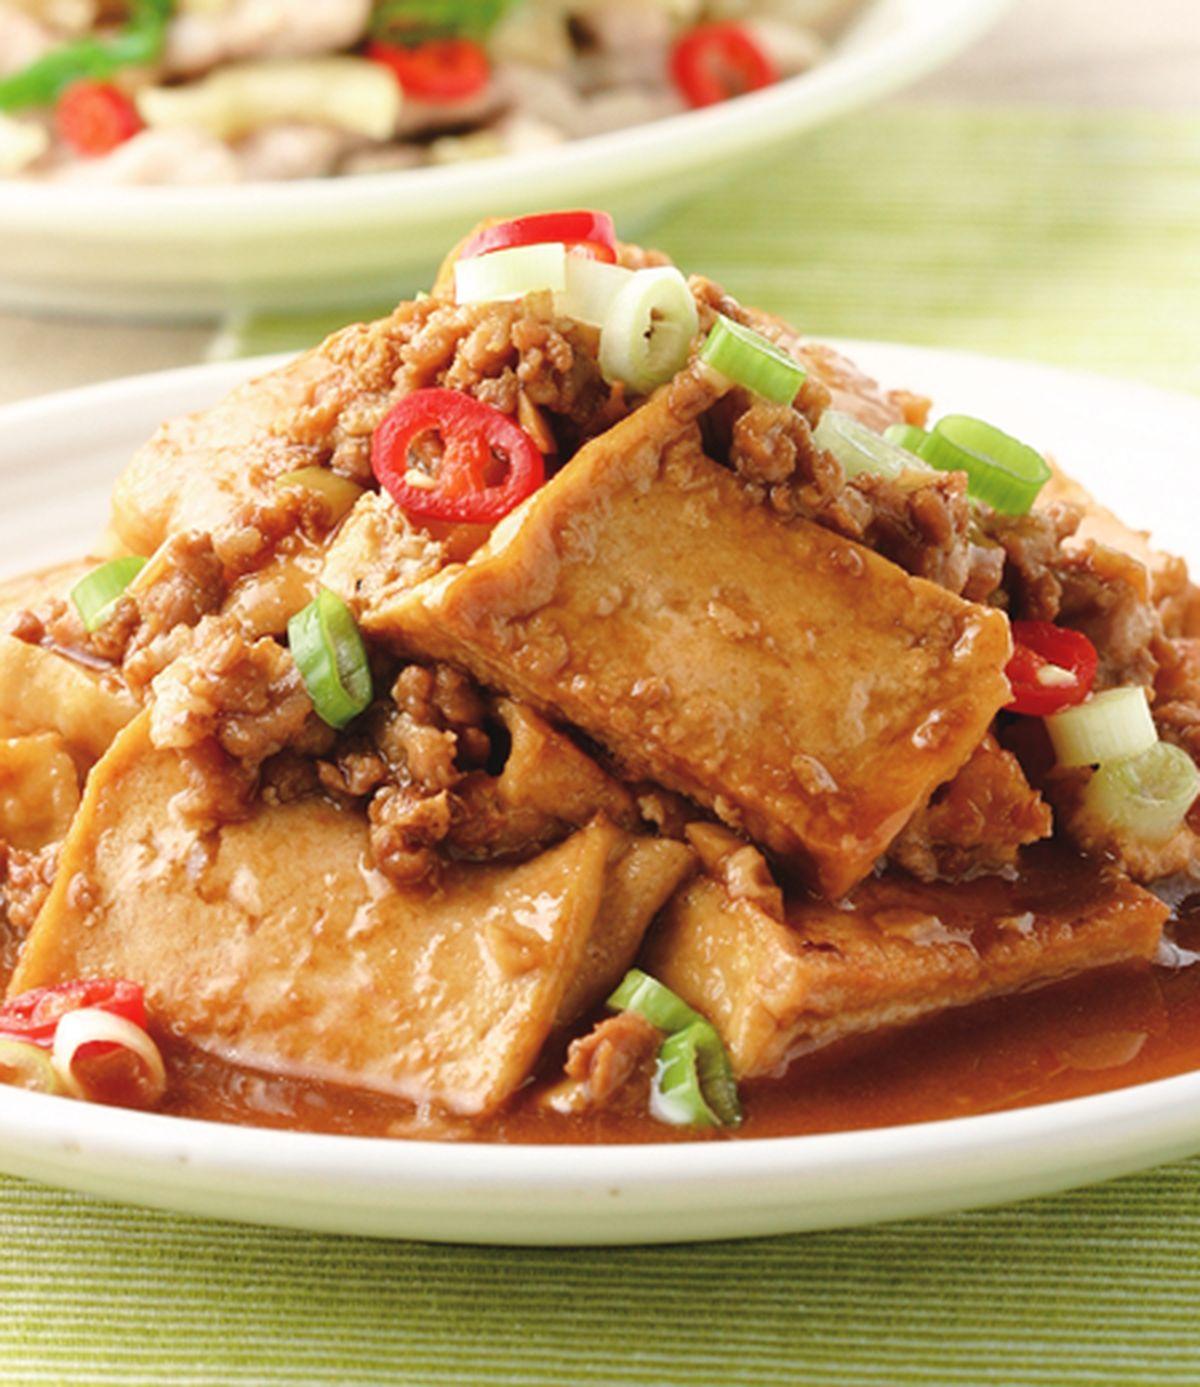 食譜:肉末燒豆腐